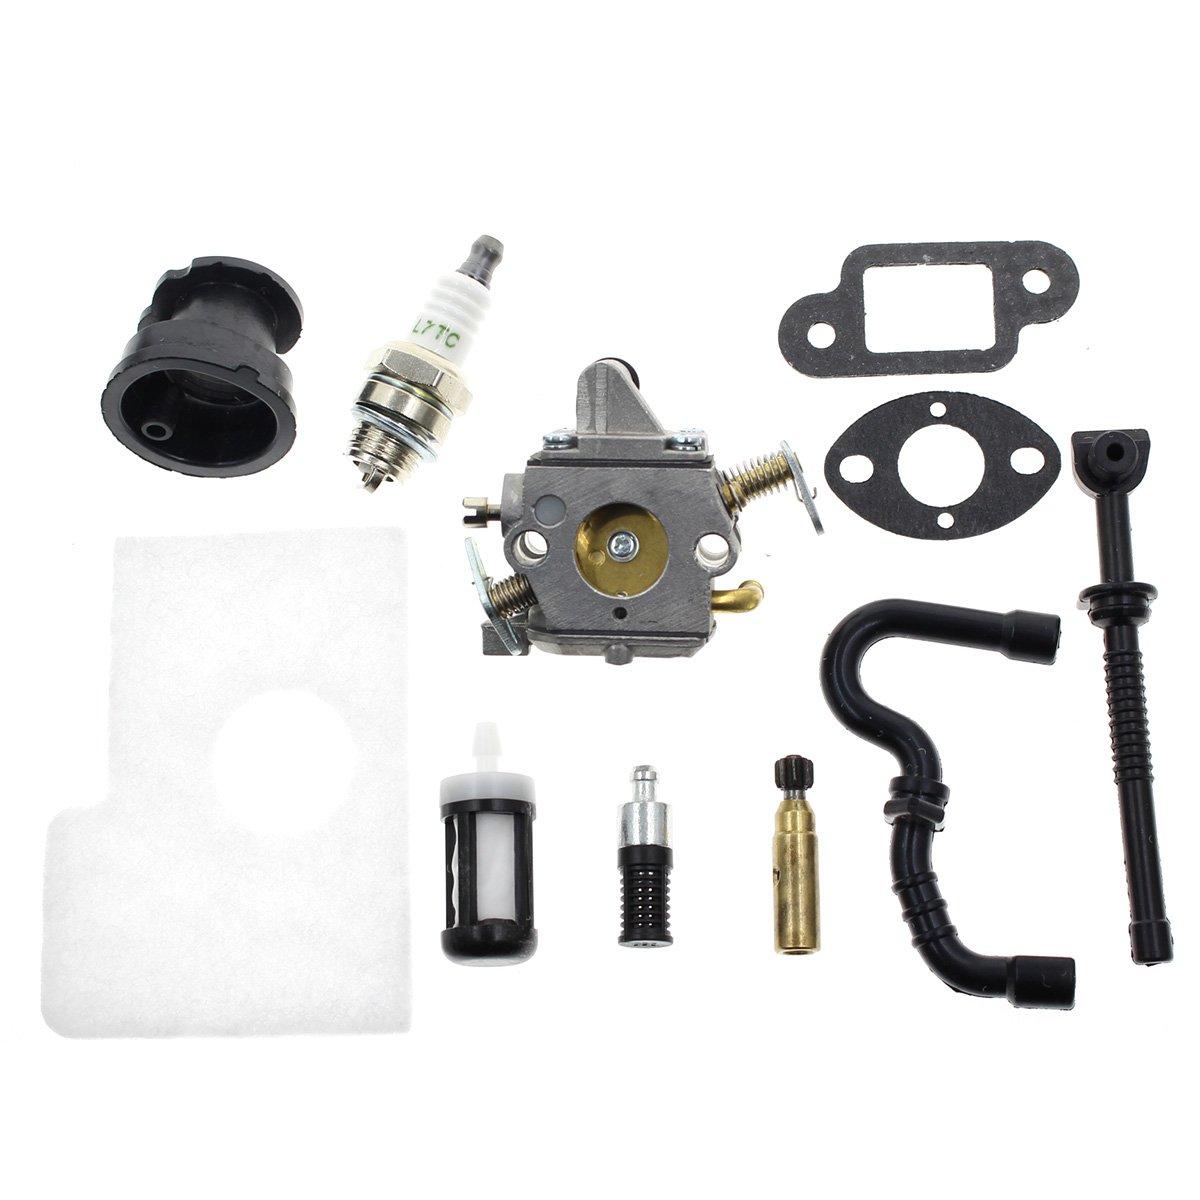 Amazon com: Carbhub C1Q-S57B Carburetor for Stihl MS170 MS180 017